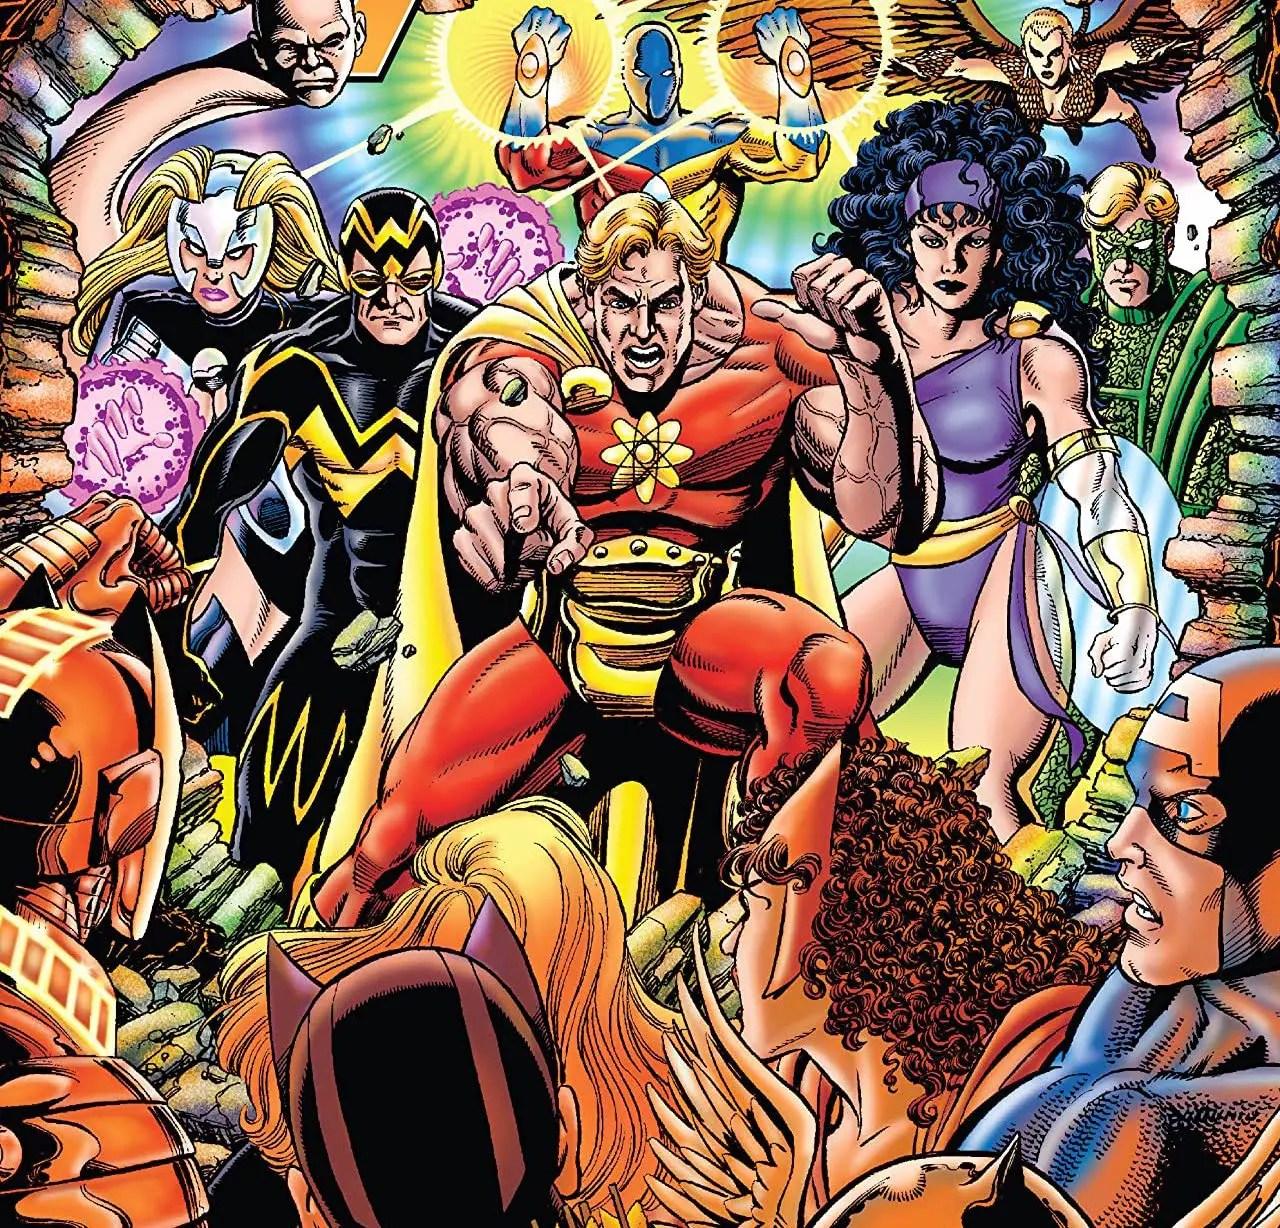 'Squadron Supreme vs. Avengers' is great fight comics fun